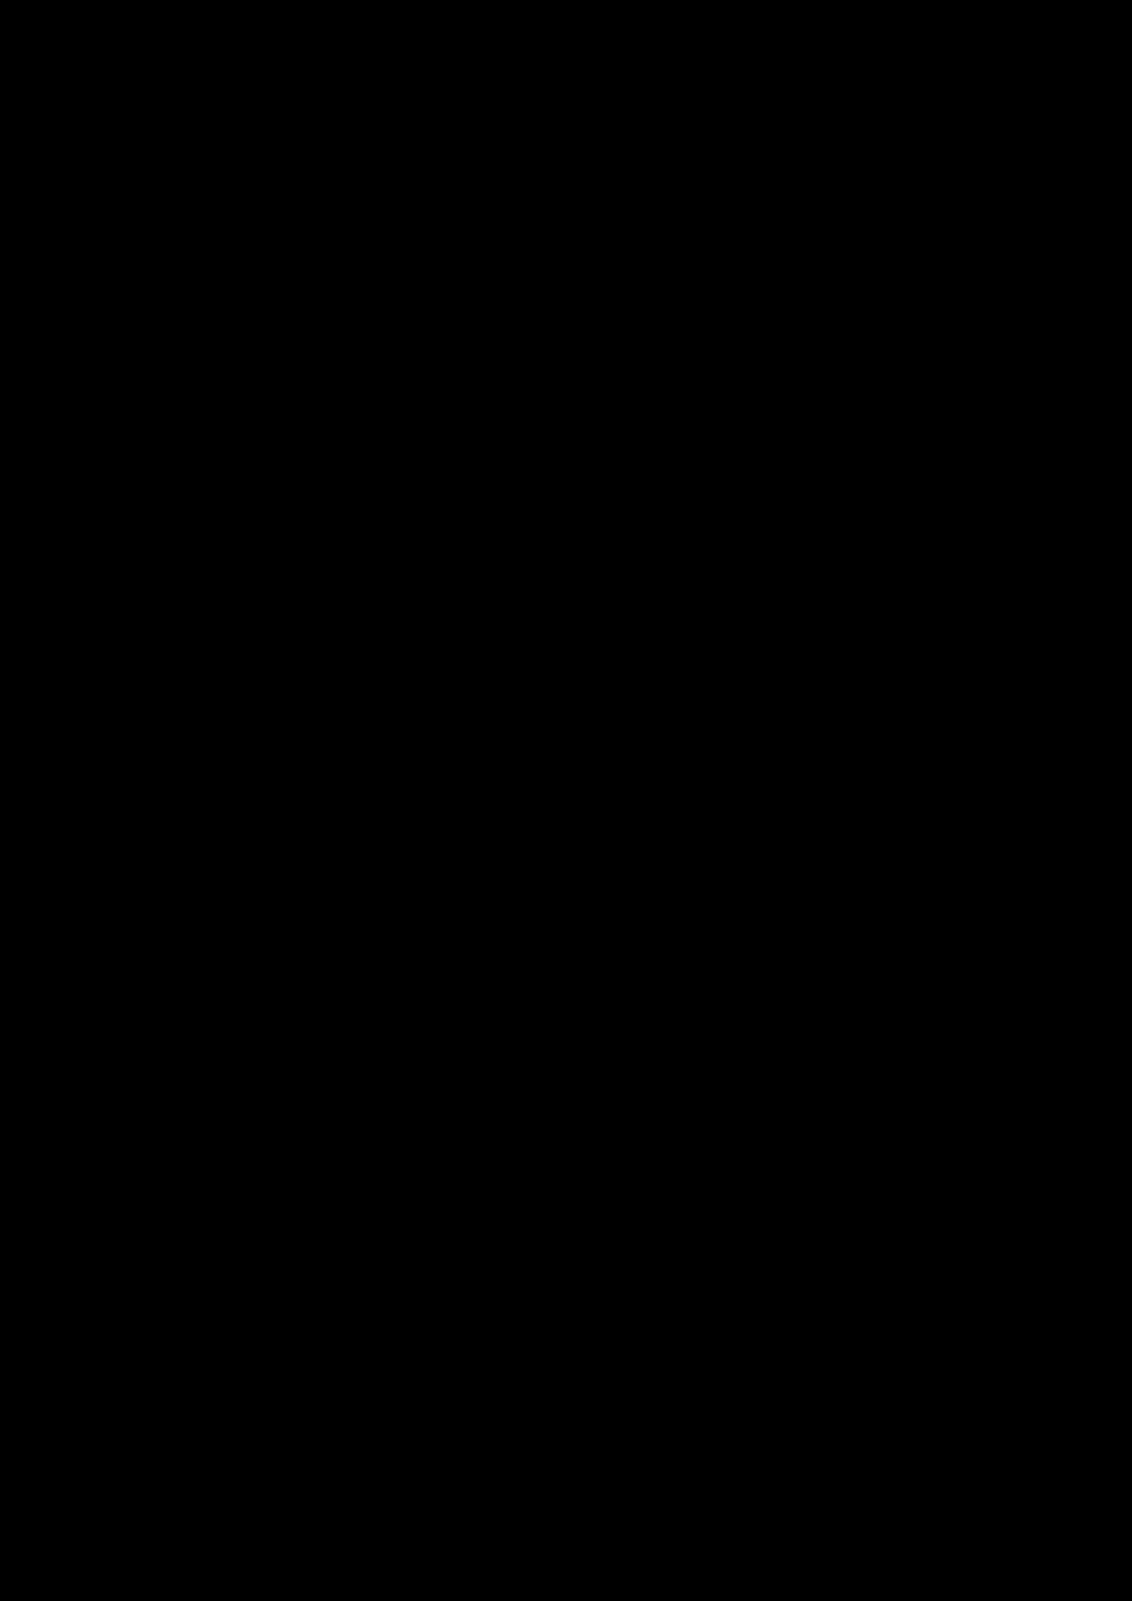 Zagadka volshebnoy stranyi slide, Image 65